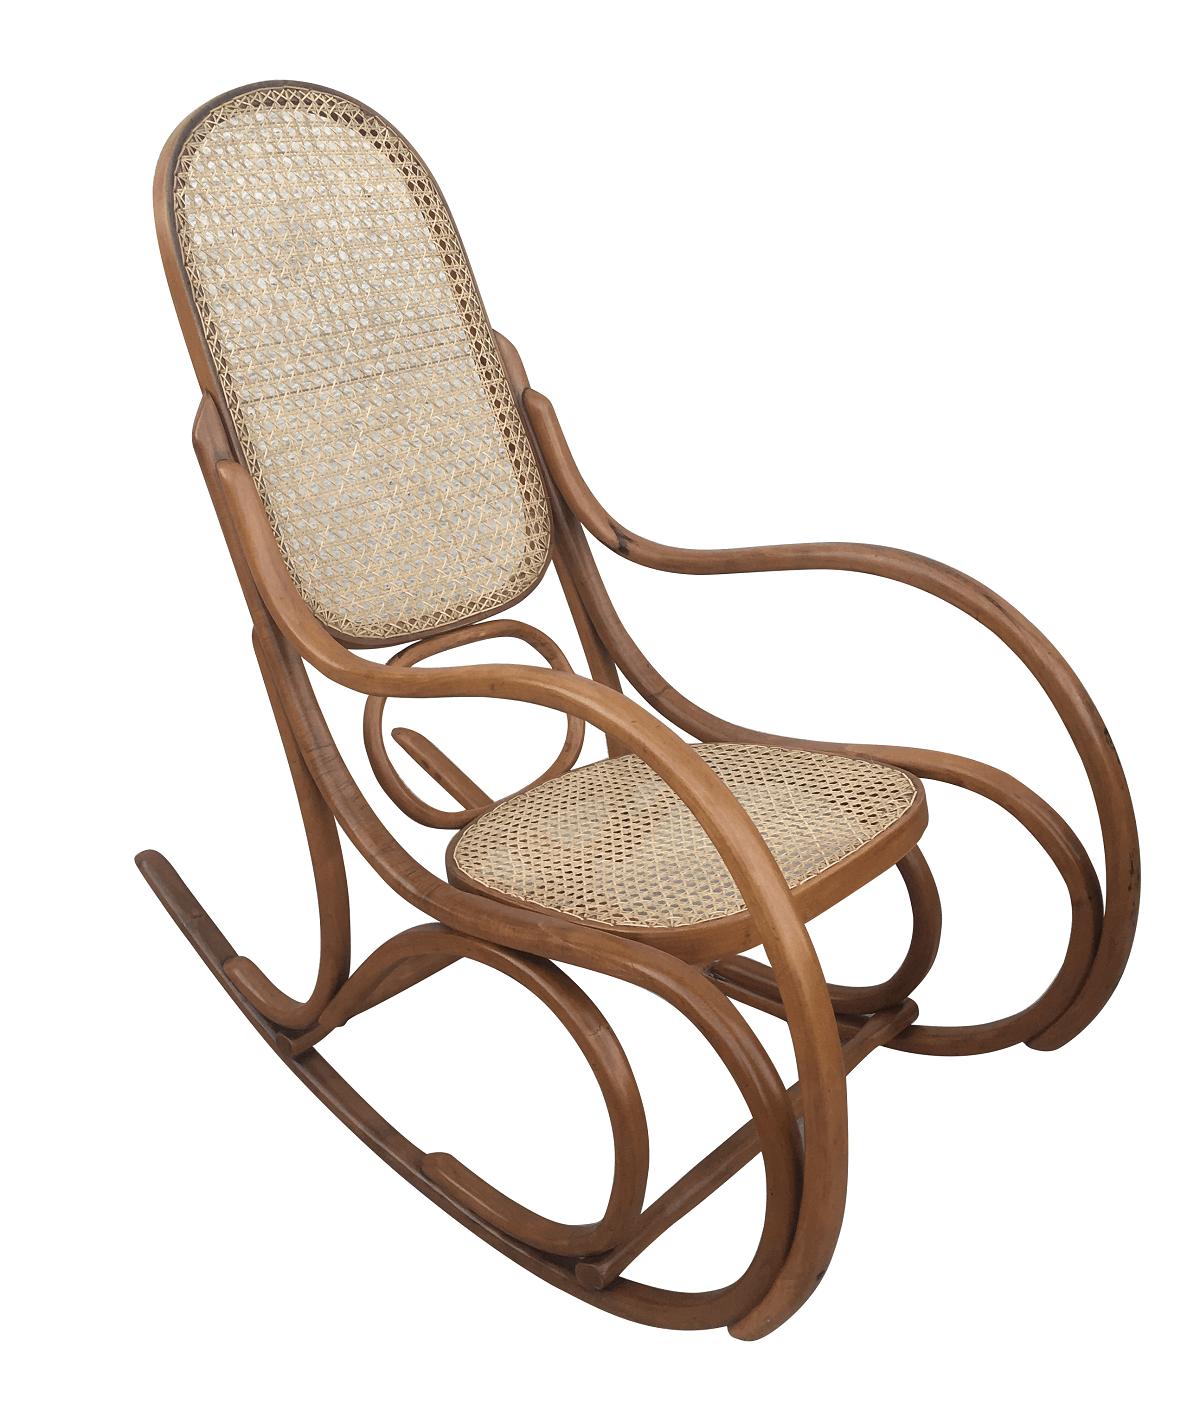 Antiga Cadeira De Balanço Austriaca Thonet Palhinha Perfeita